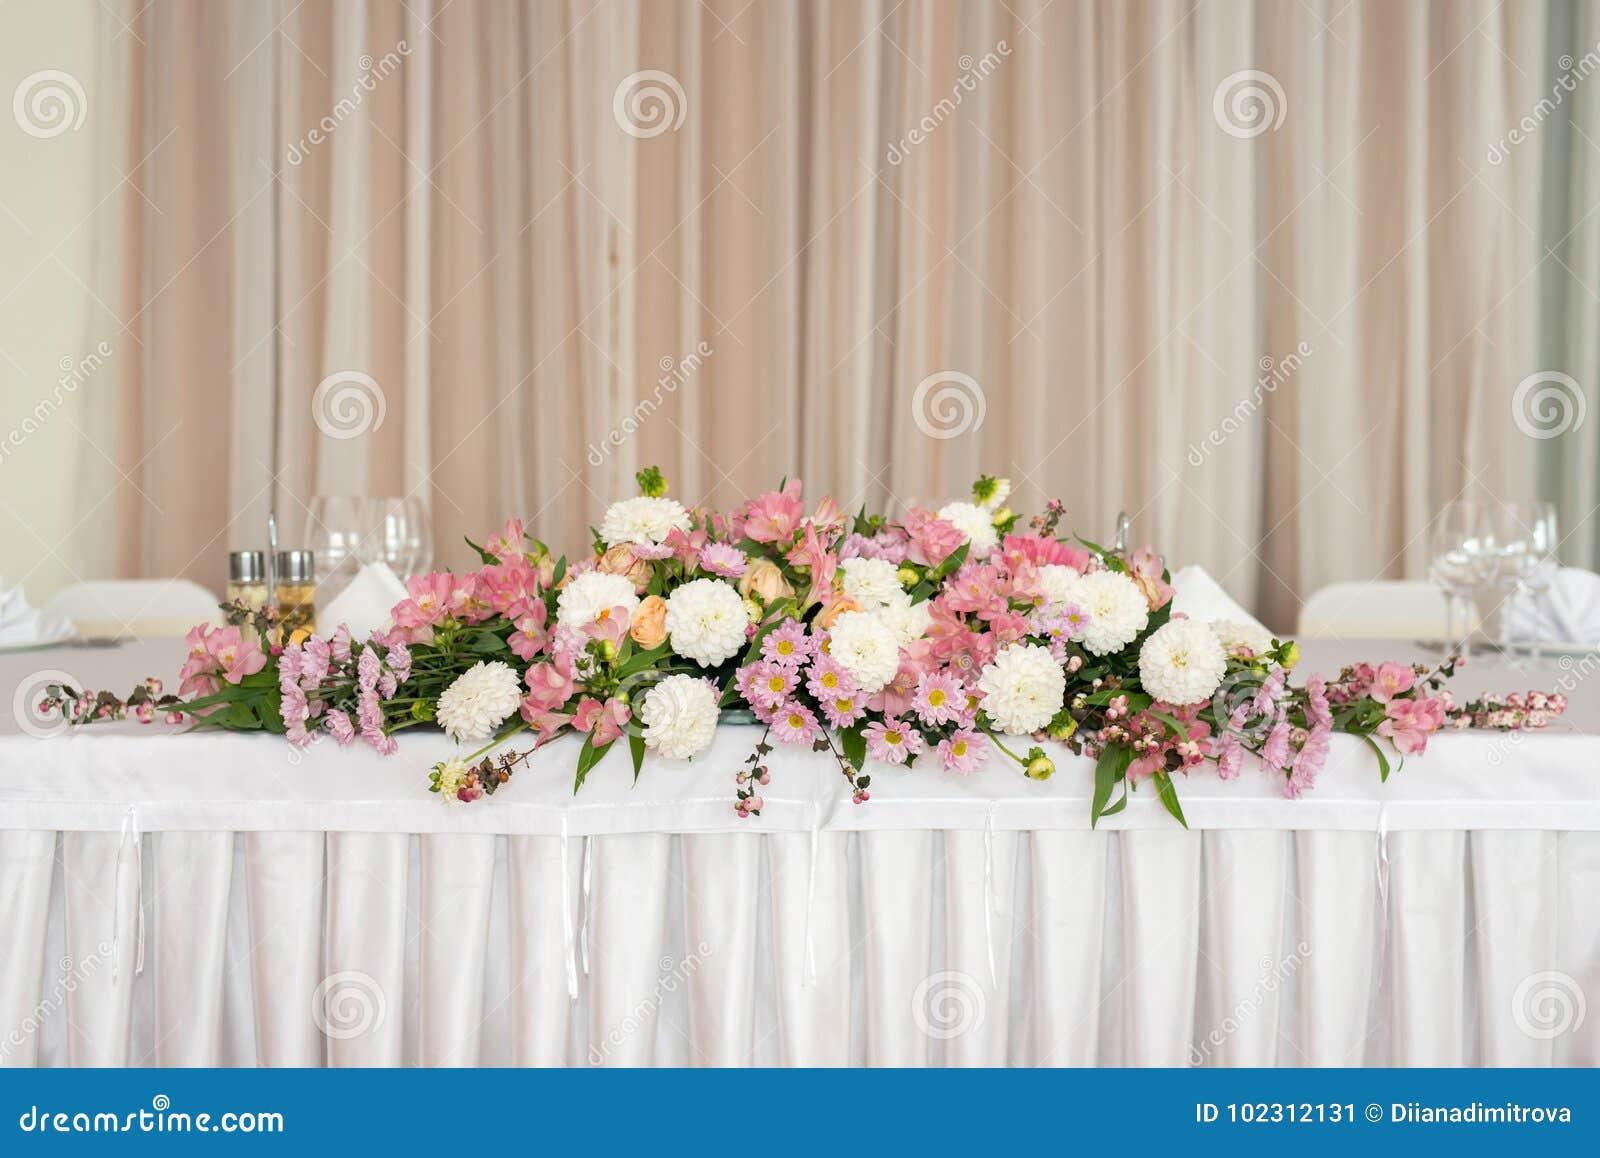 Blumendekoration der schönen Hochzeit auf einer Tabelle in einem Restaurant Weiße Tischdecken, heller Raum